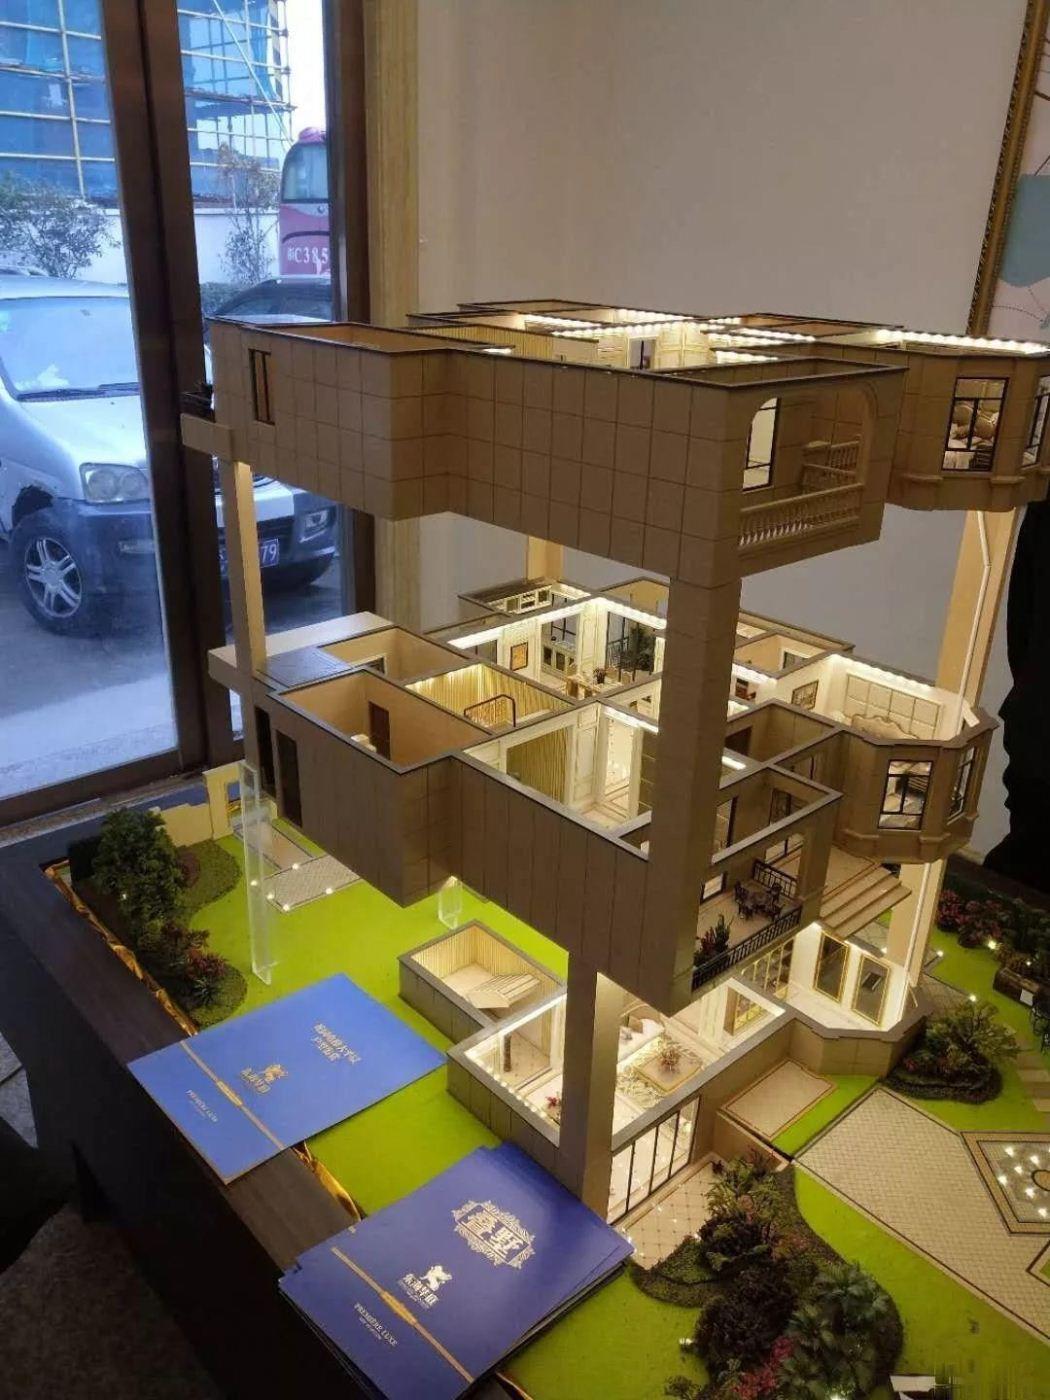 东海华庭 海边别墅 洋房 均价5700 圆温州人海岛别墅